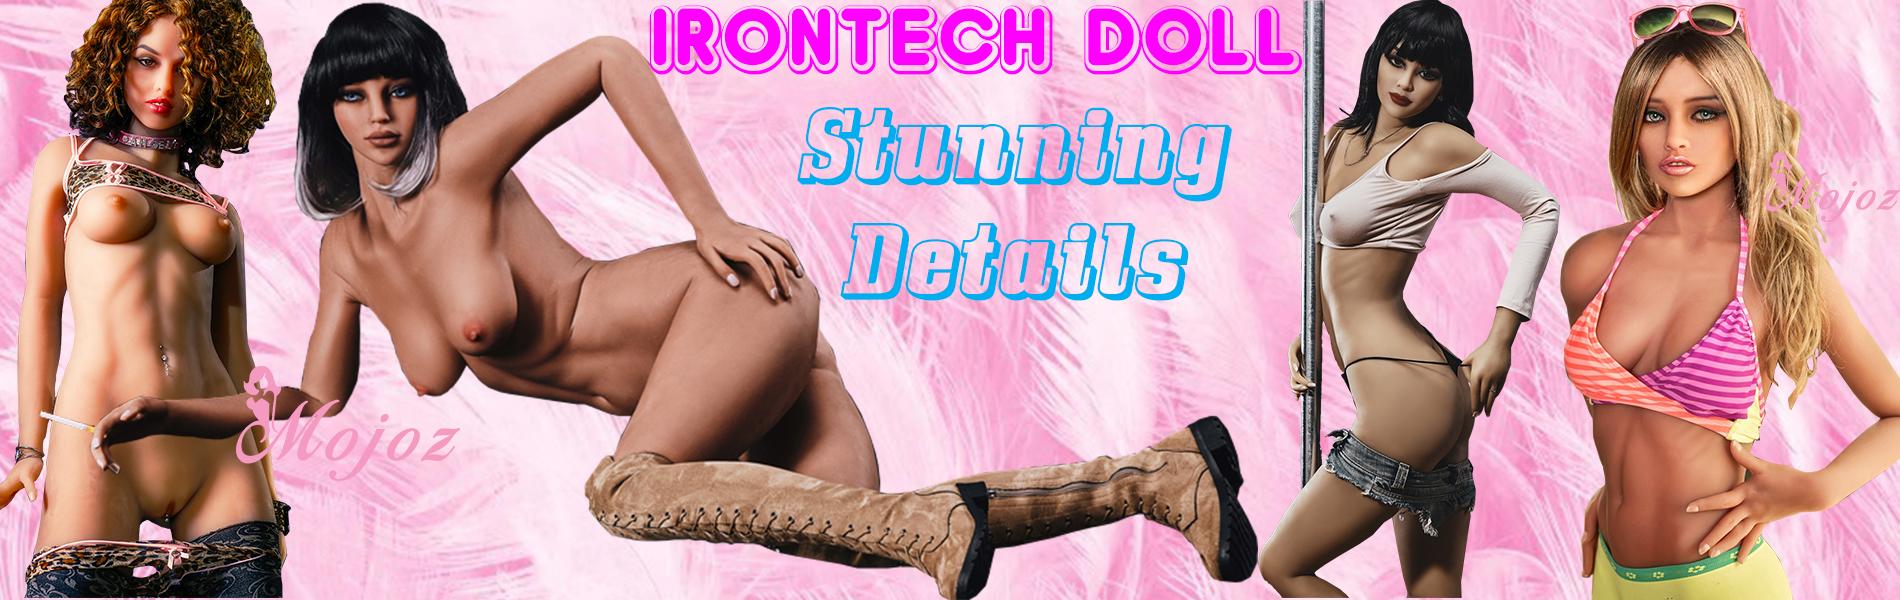 Irontech Dolls